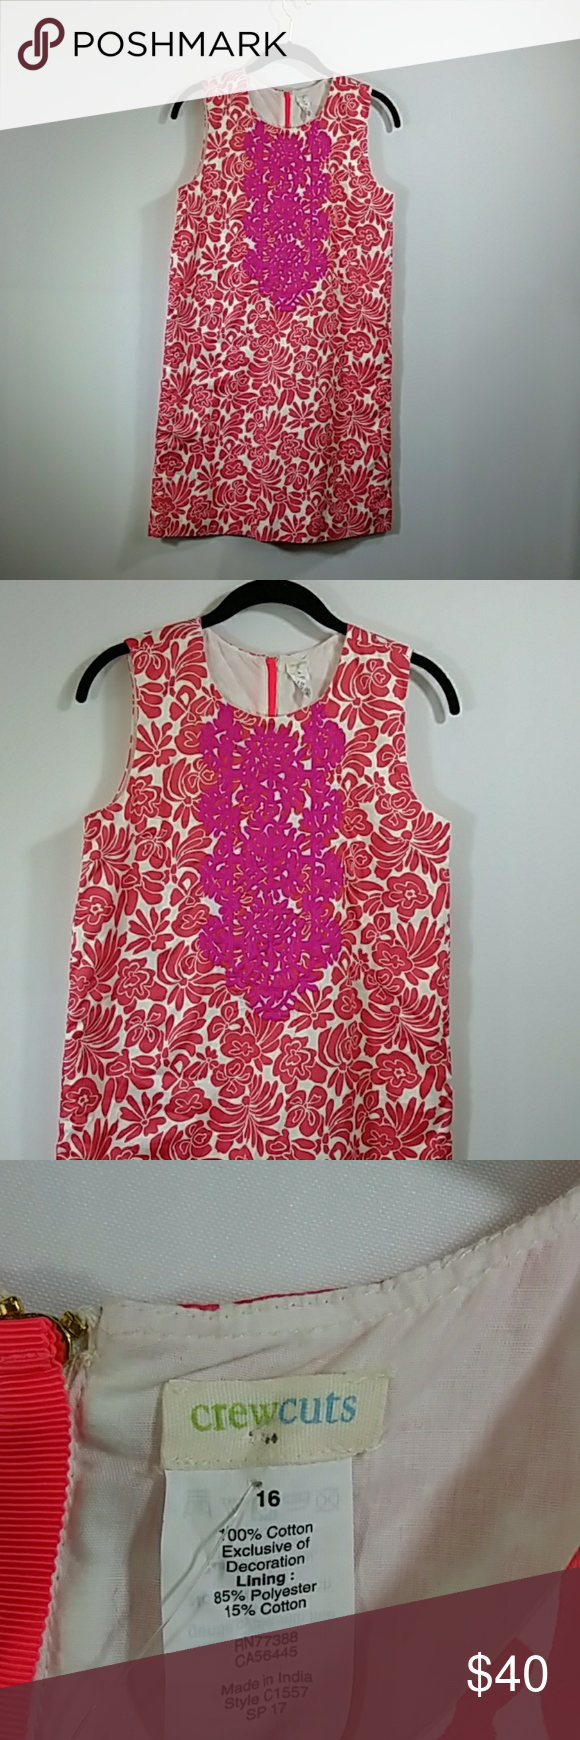 Nwt crewcuts womanus floral pink u purple dress nwt crewcuts womanus